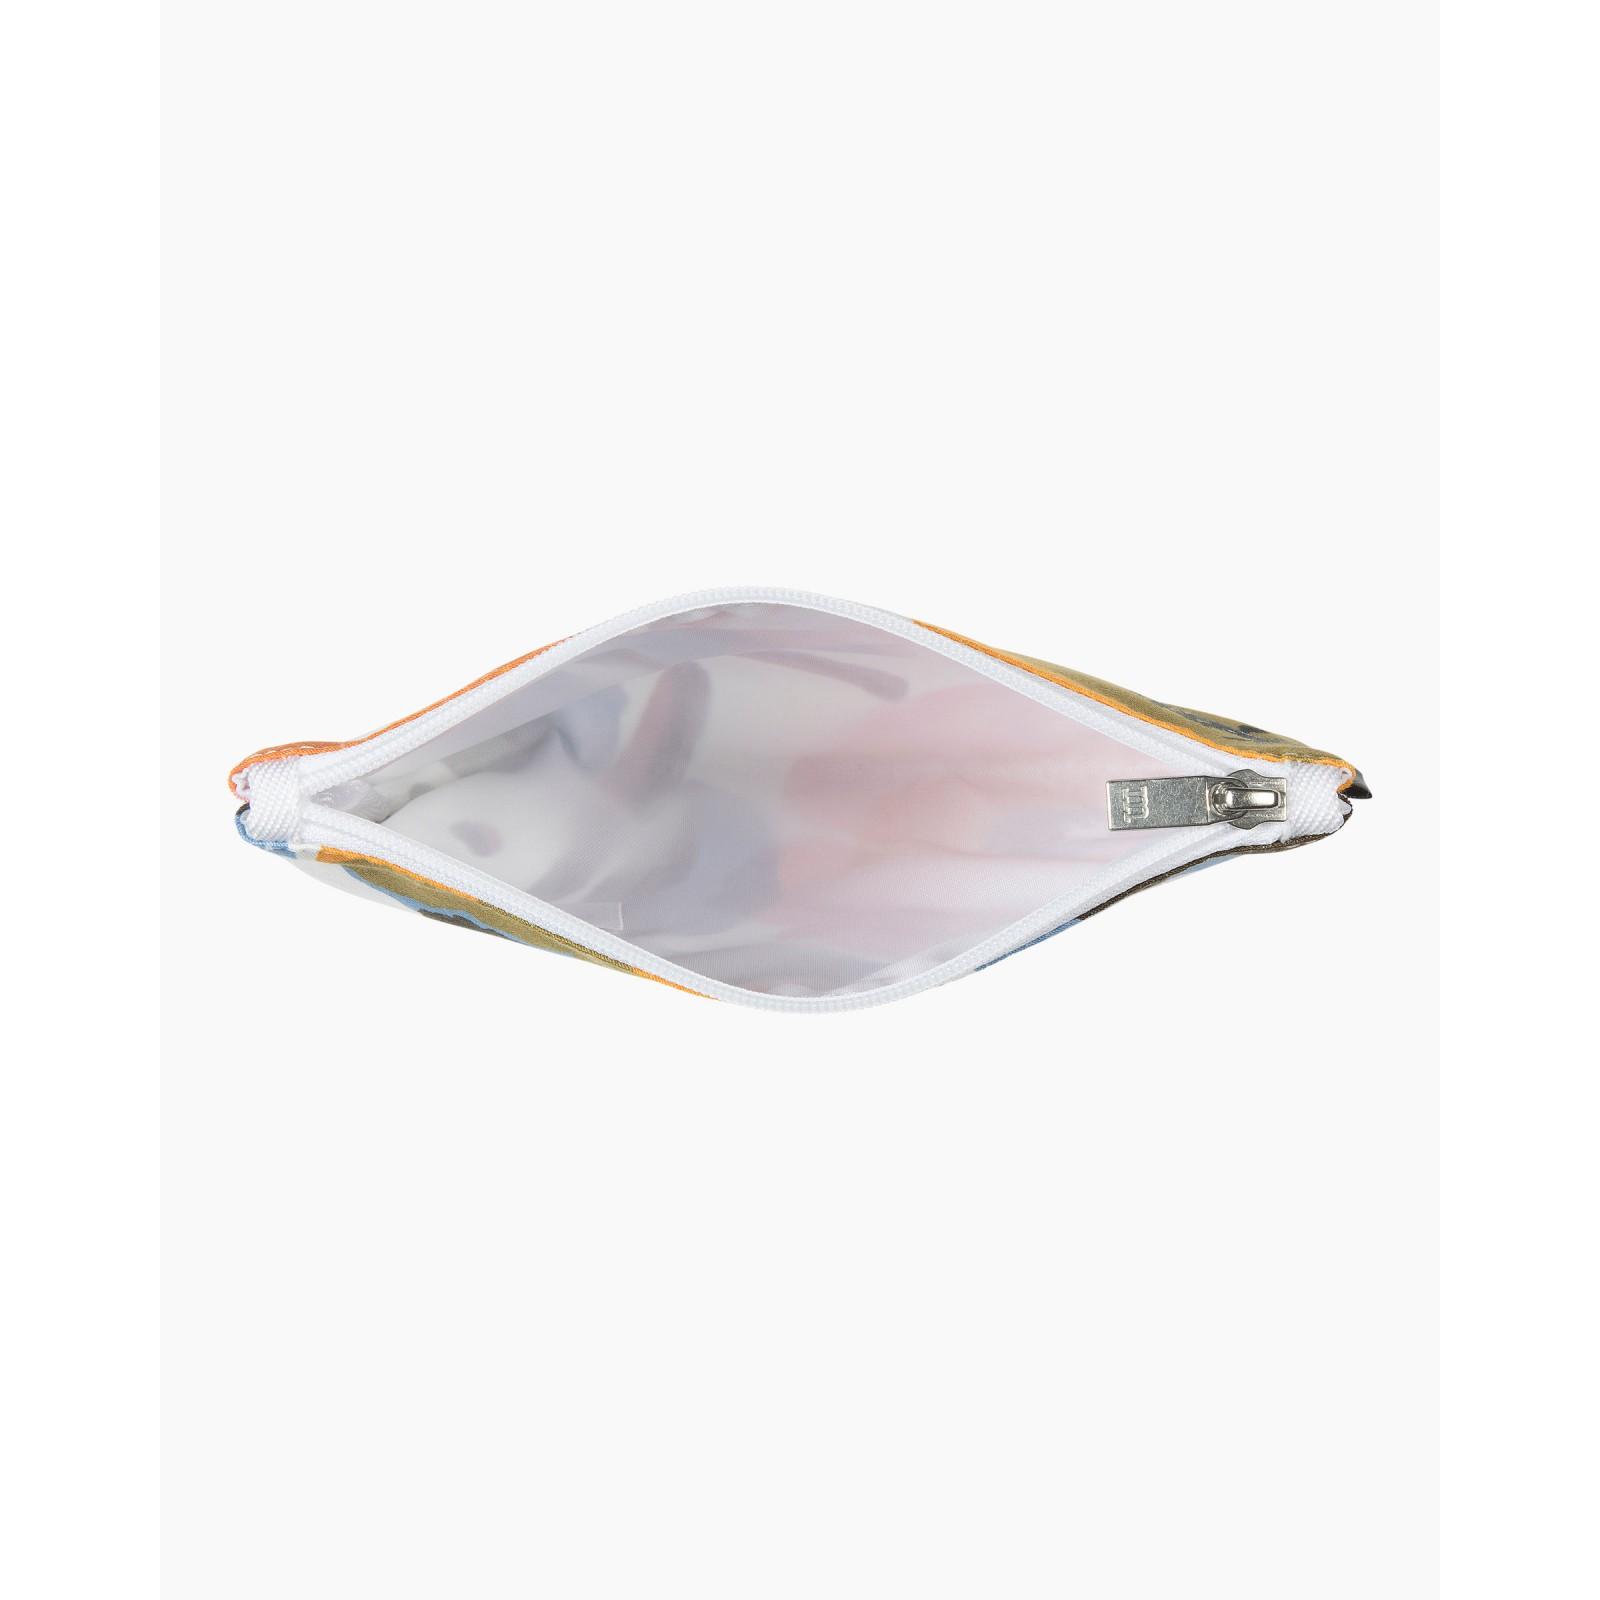 Marimekko Kaika Rosarium Cosmetic Bag